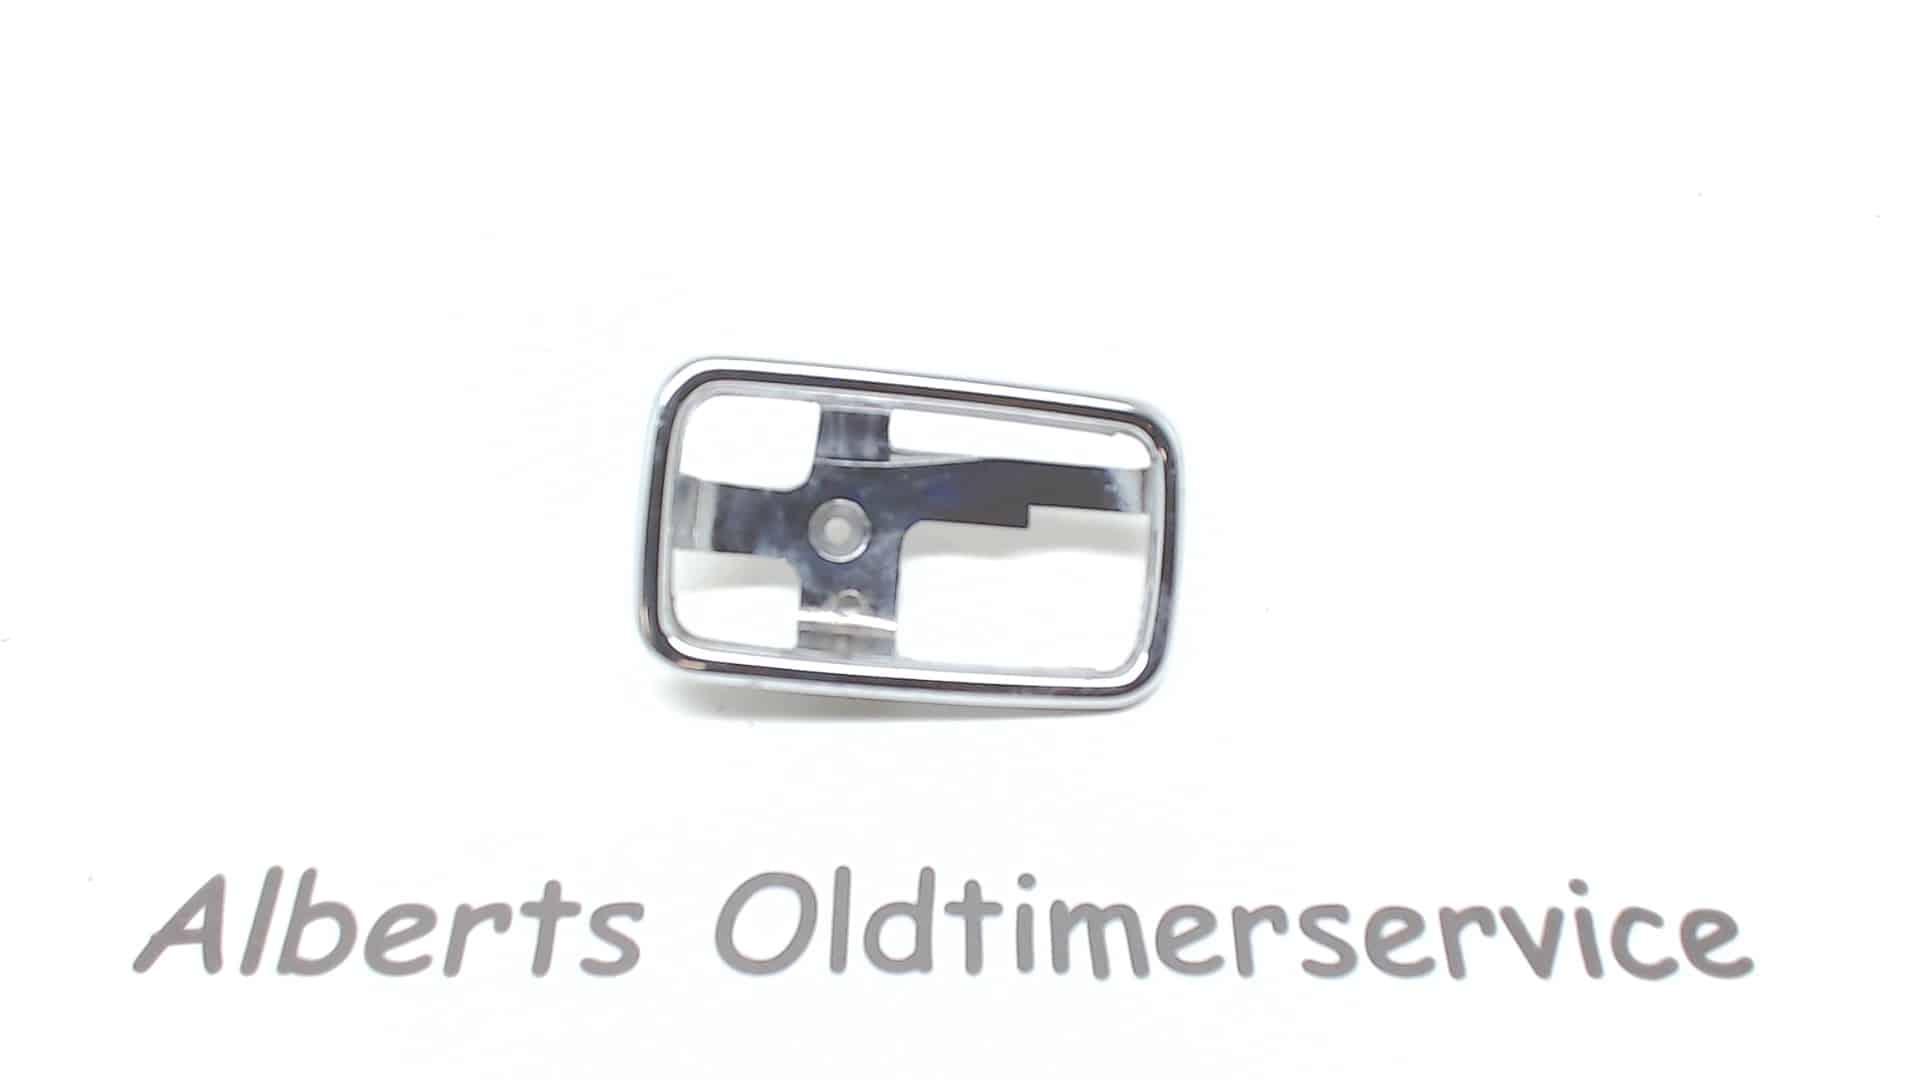 Mercedes W114 W115 Deurgreep houder Chroom 1087660611